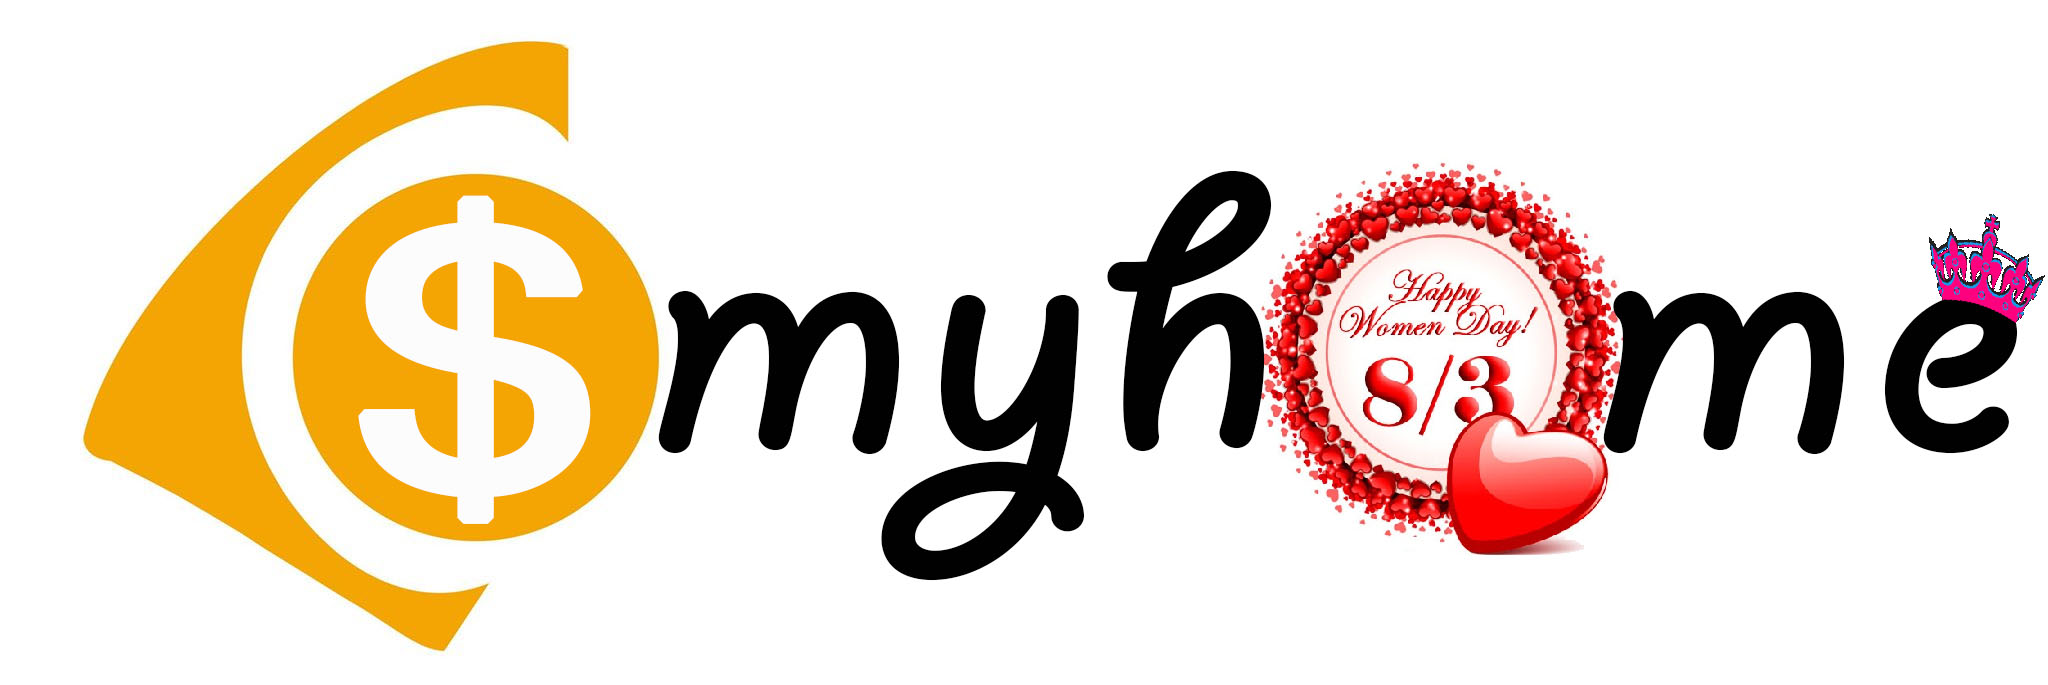 Smyhome - Đồ gỗ xuất khẩu hàng đầu Việt Nam